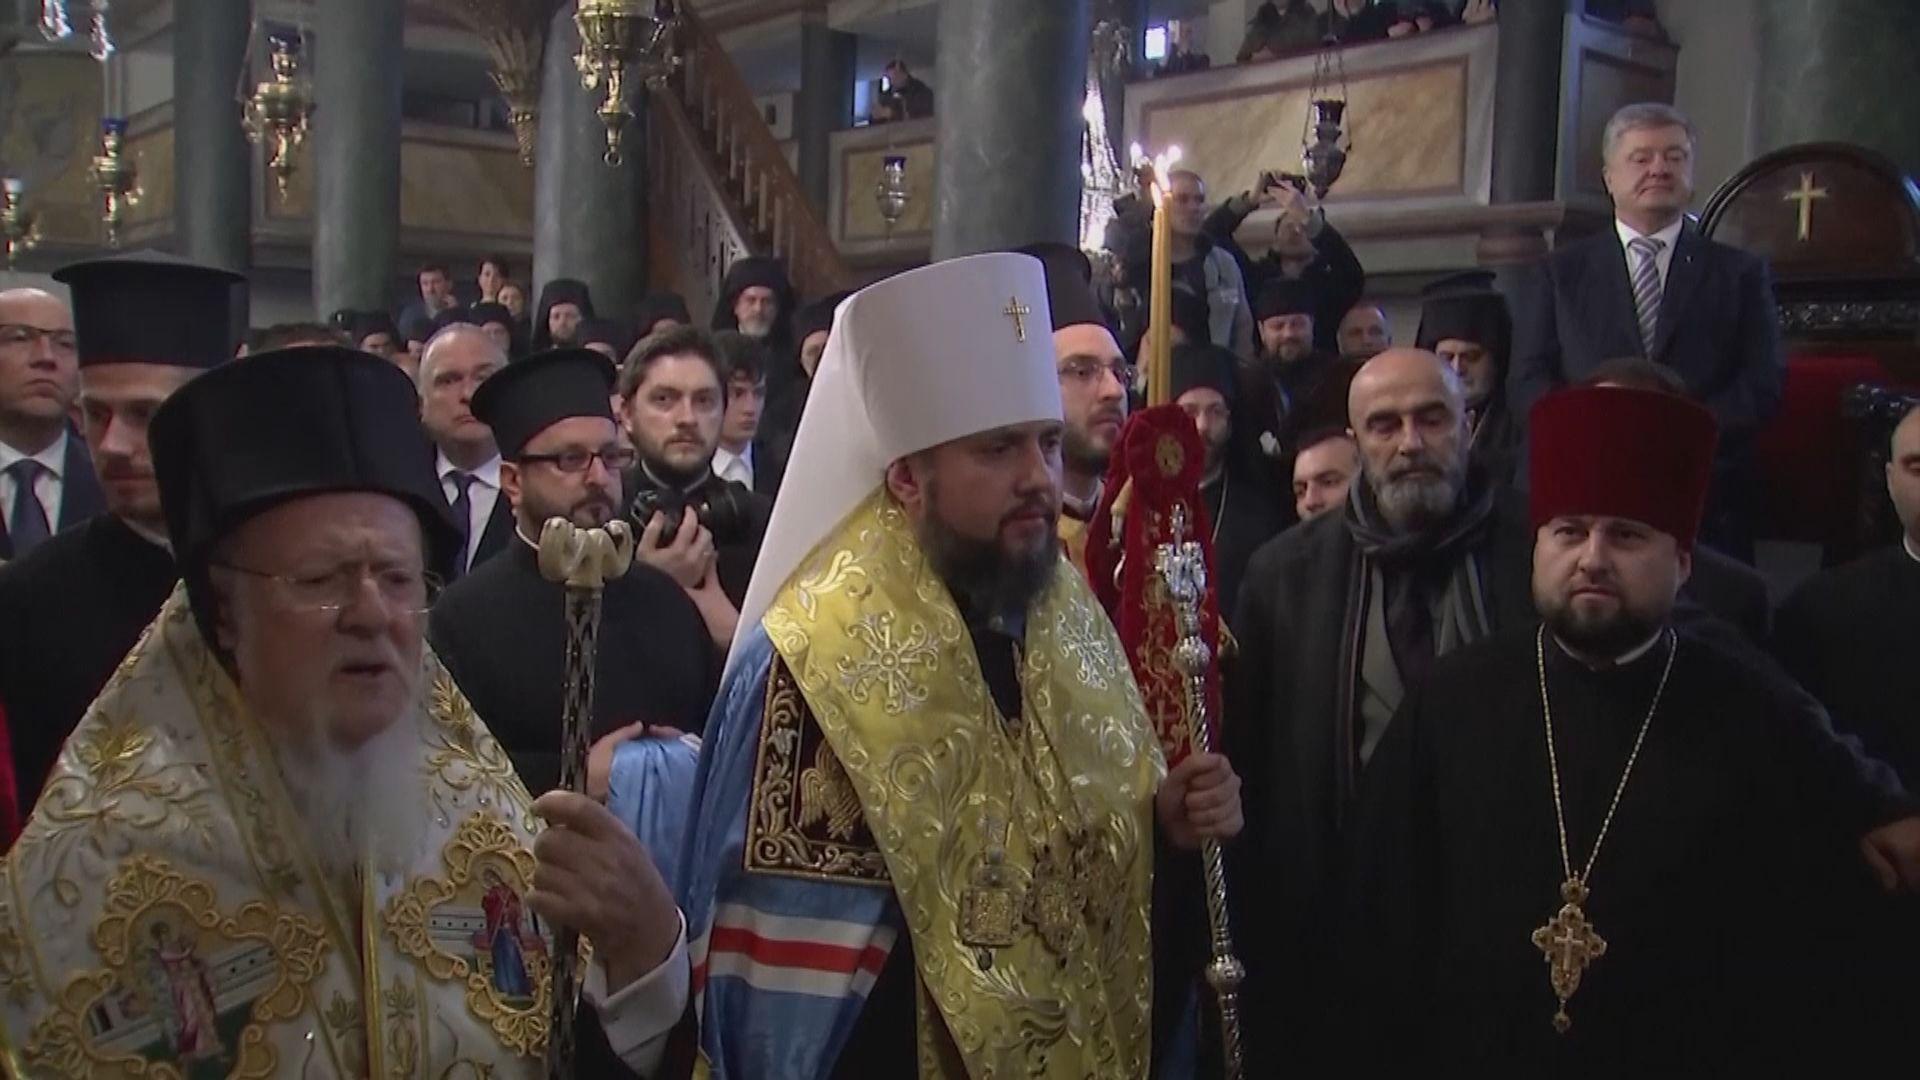 烏克蘭東正教會獨立 結束受俄羅斯教區管轄